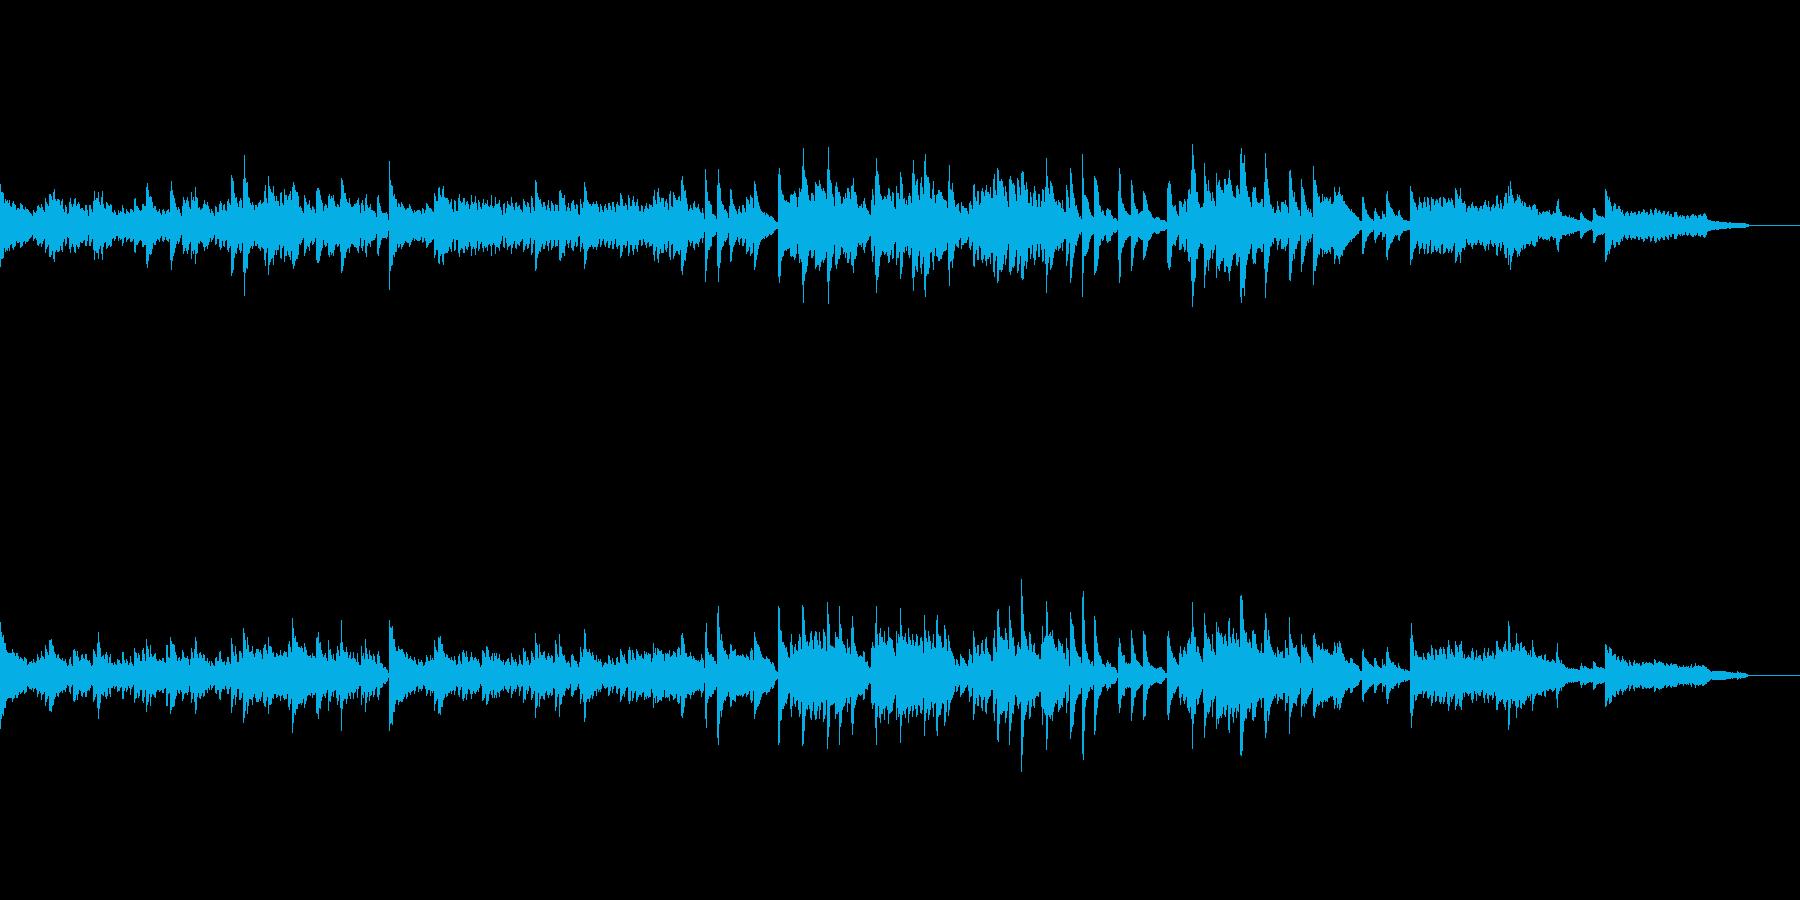 深い悲しみのピアノソロ曲の再生済みの波形